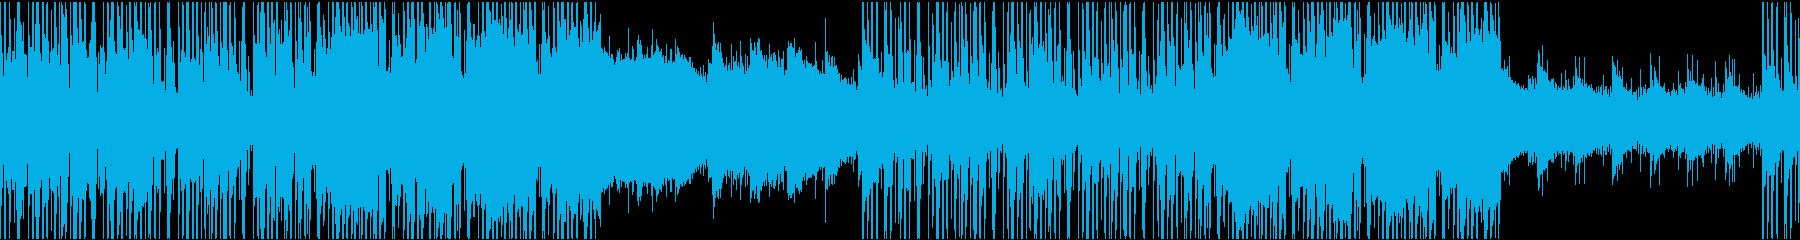 穏やかで落ち着いたジャズヒップホップの再生済みの波形